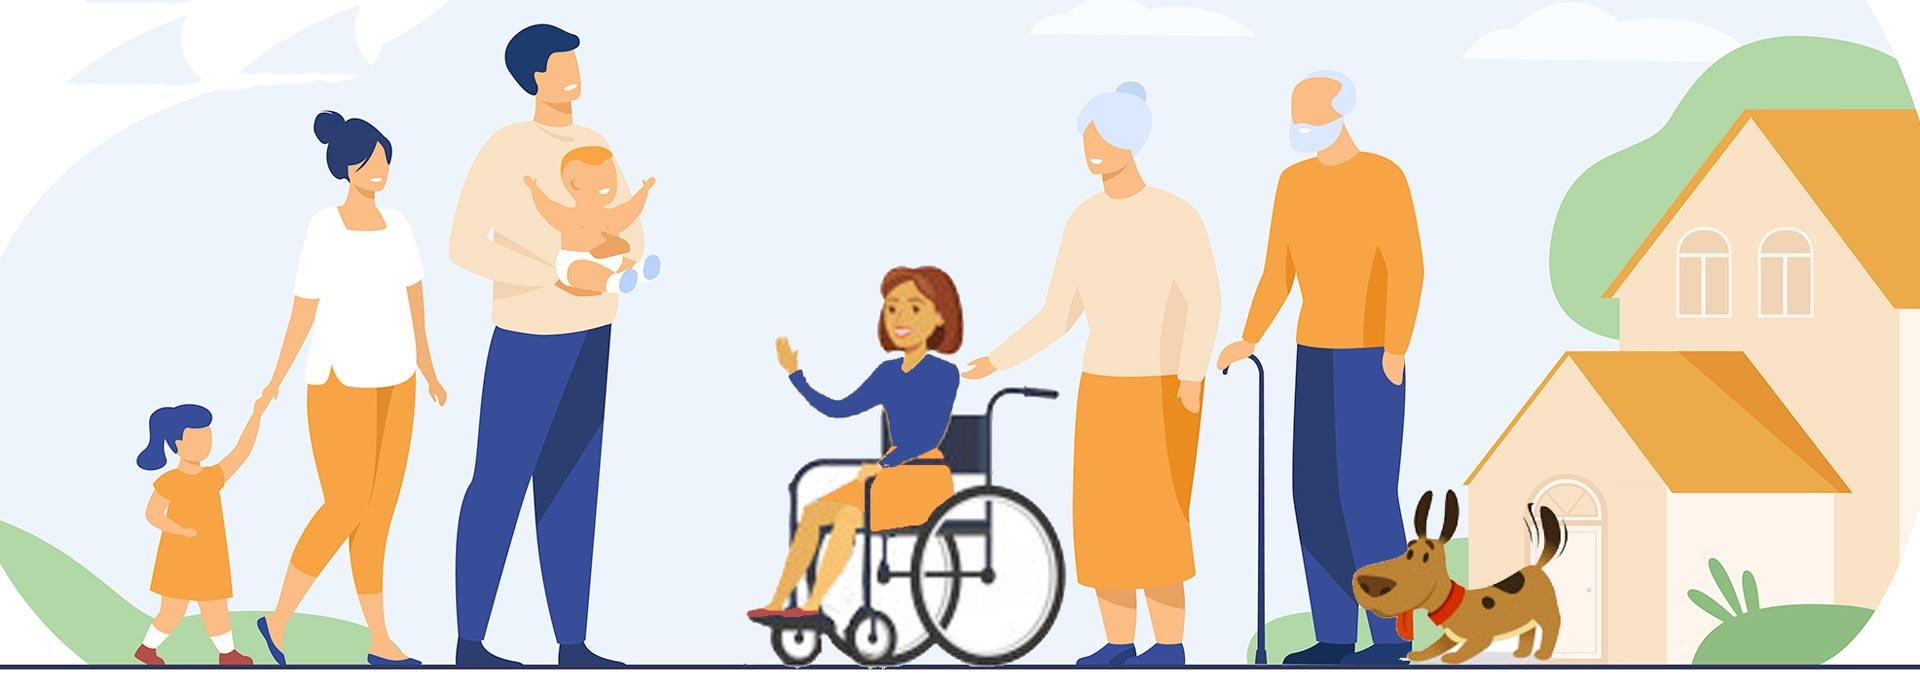 services à domicile illustration avec actif, enfant, sénior, handicapés, animal et maison